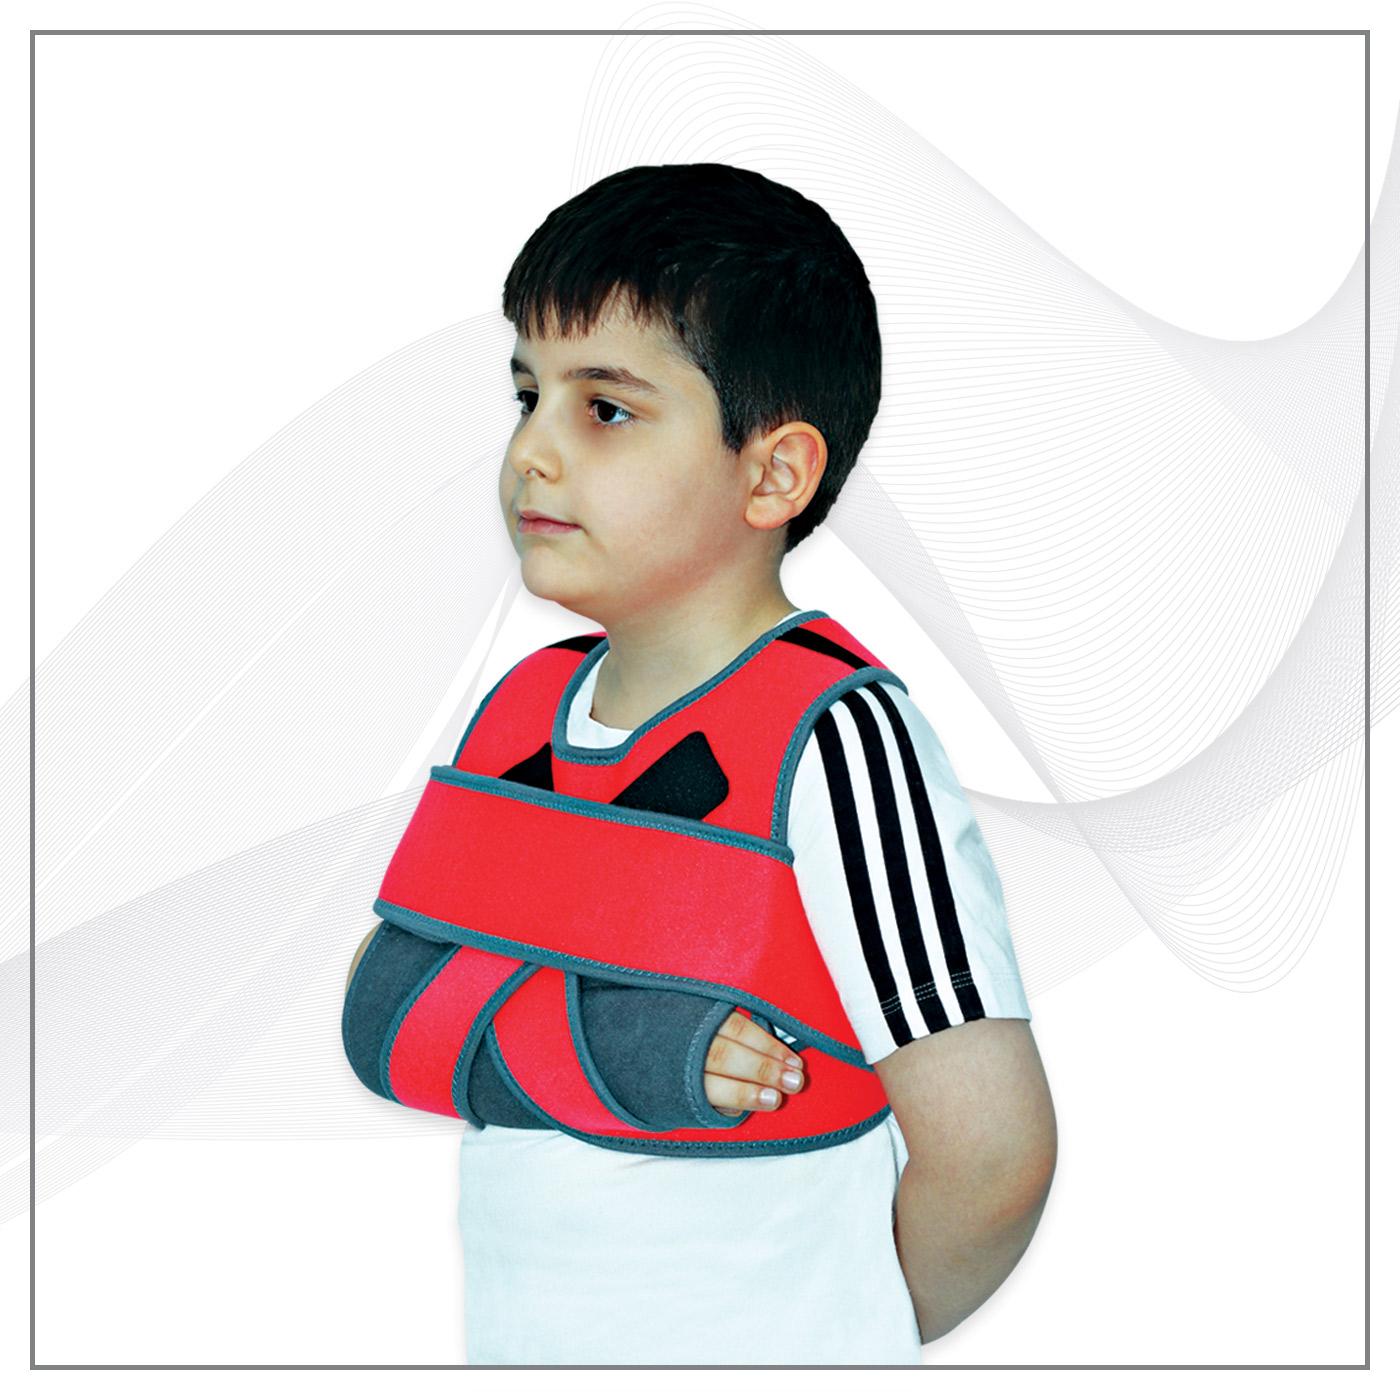 Abc Tıp Sağlık Ortopedik Çocuk Ürünleri JB 2409